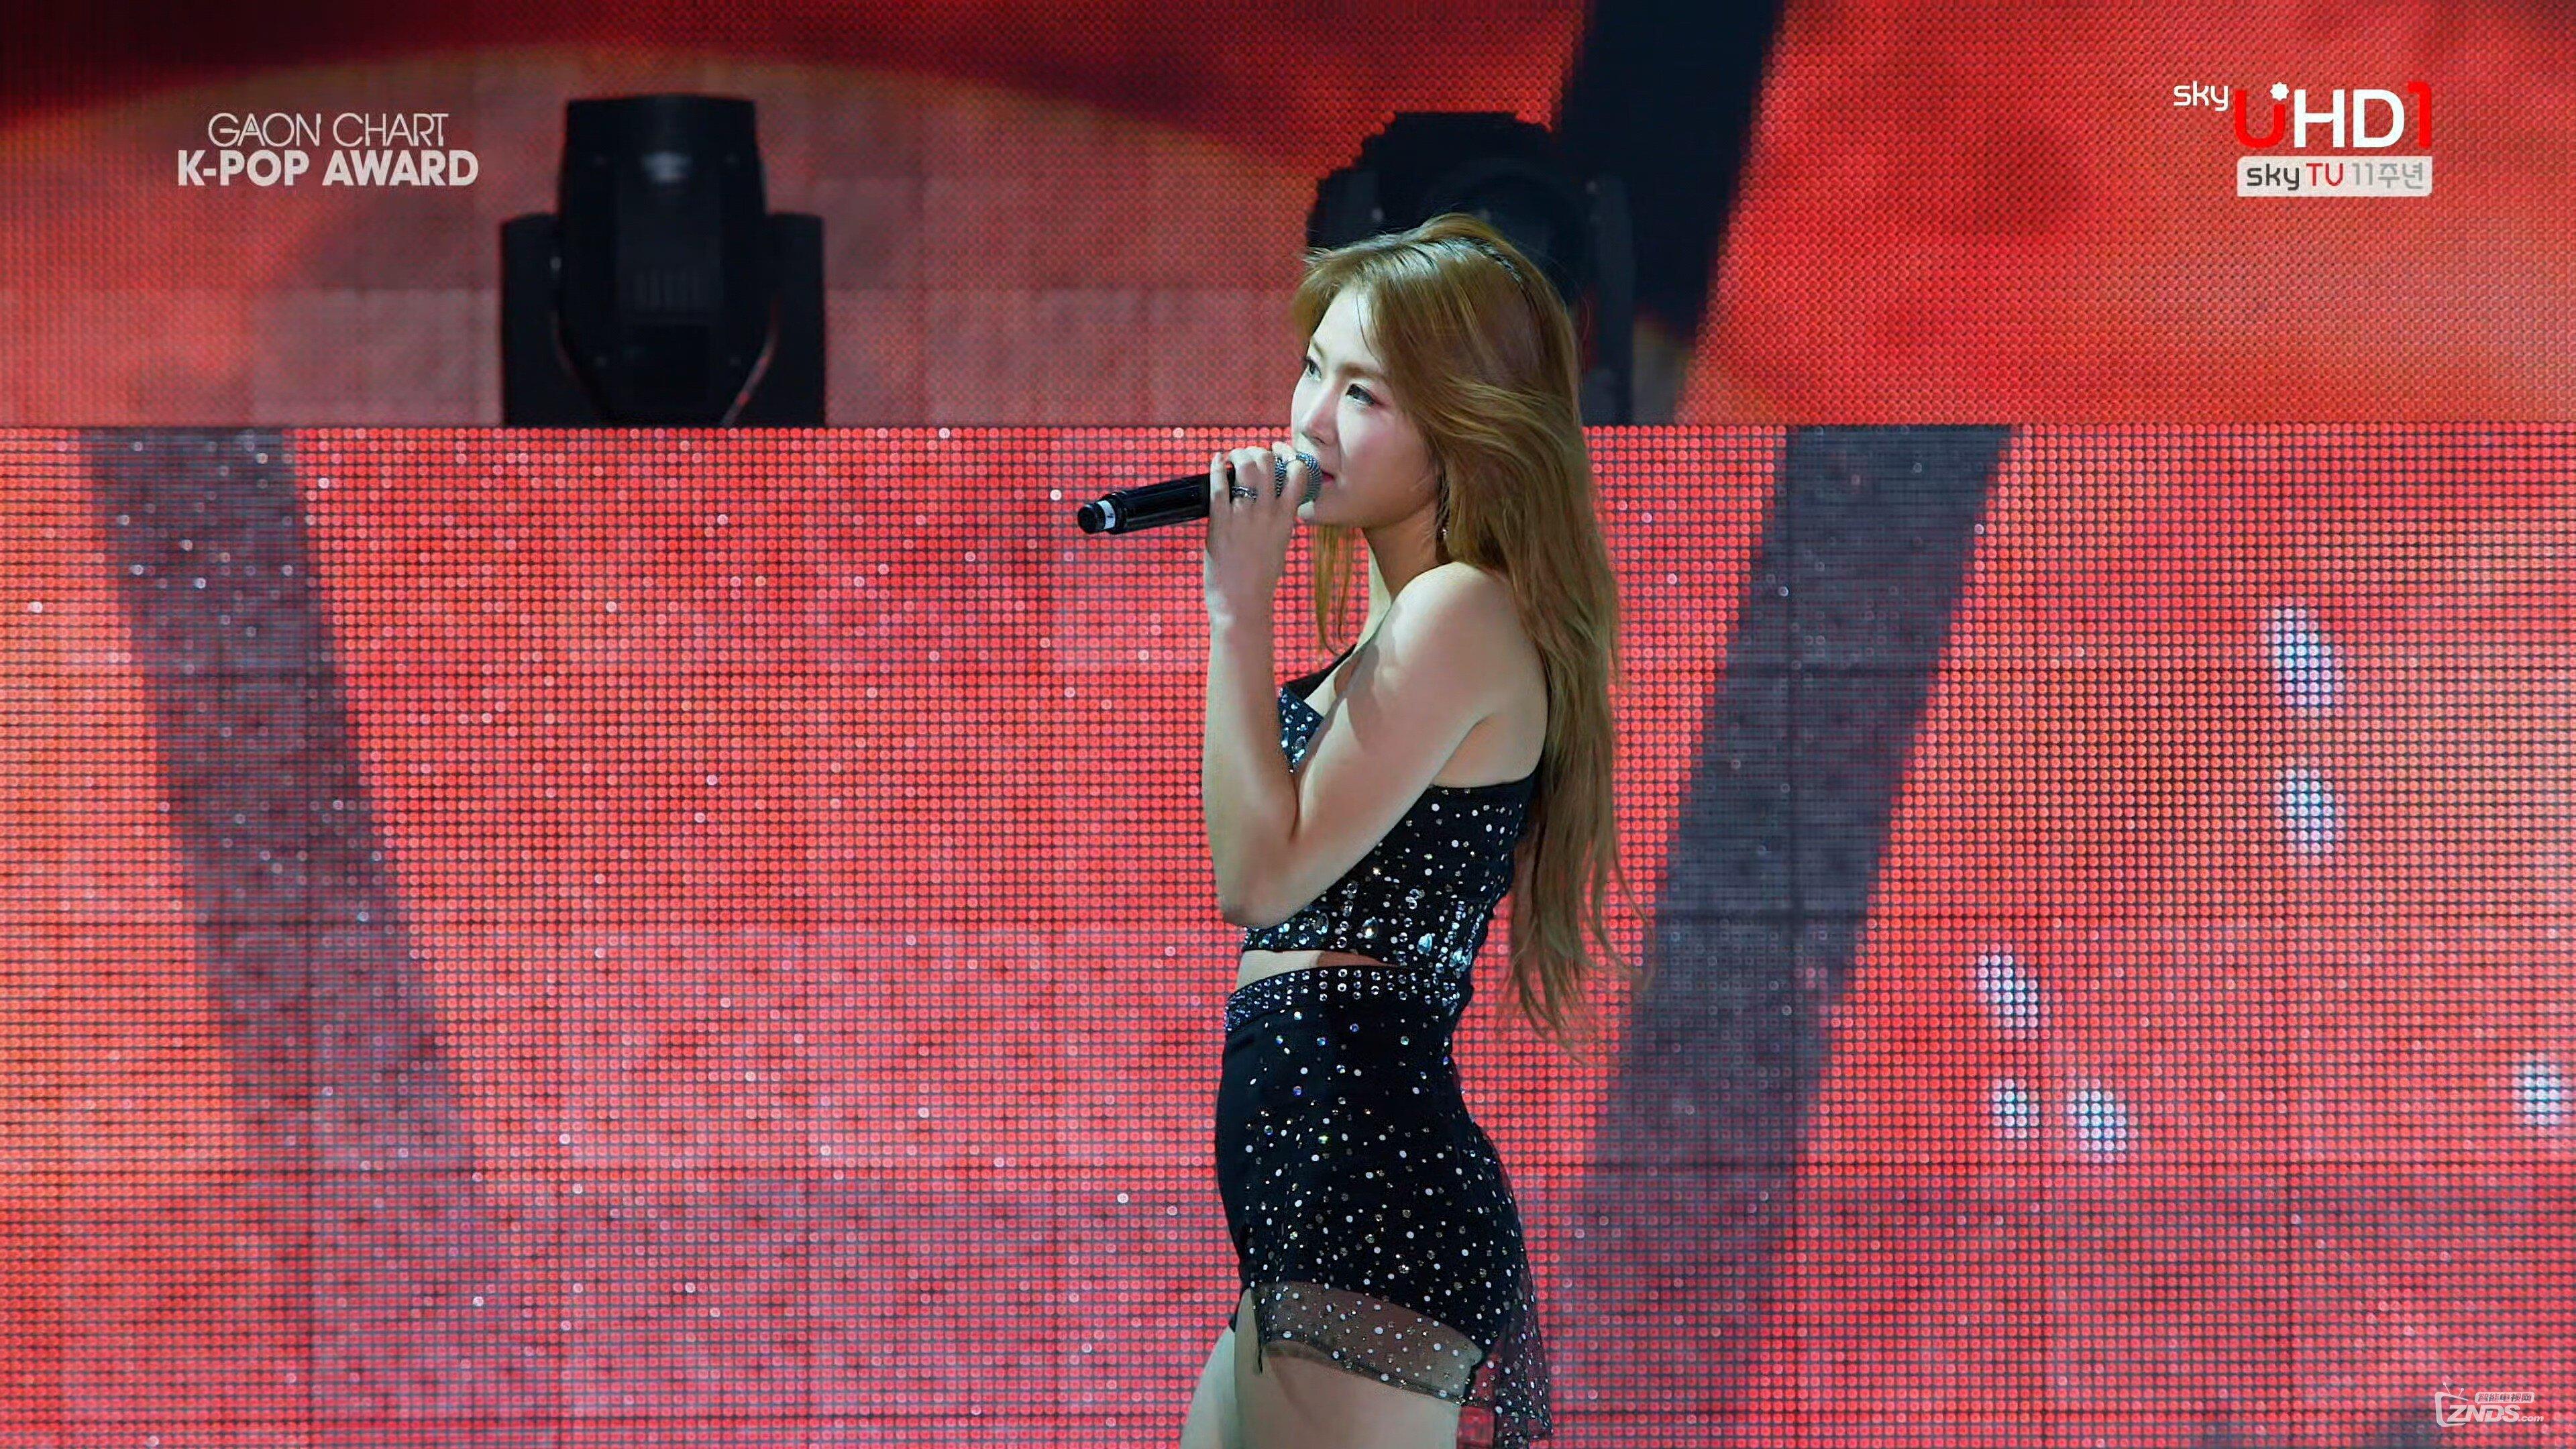 Sistar - Intro   I Swear   Touch My Body (150128 SkyUHD 4th Gaon Chart K-Pop Awa.jpg